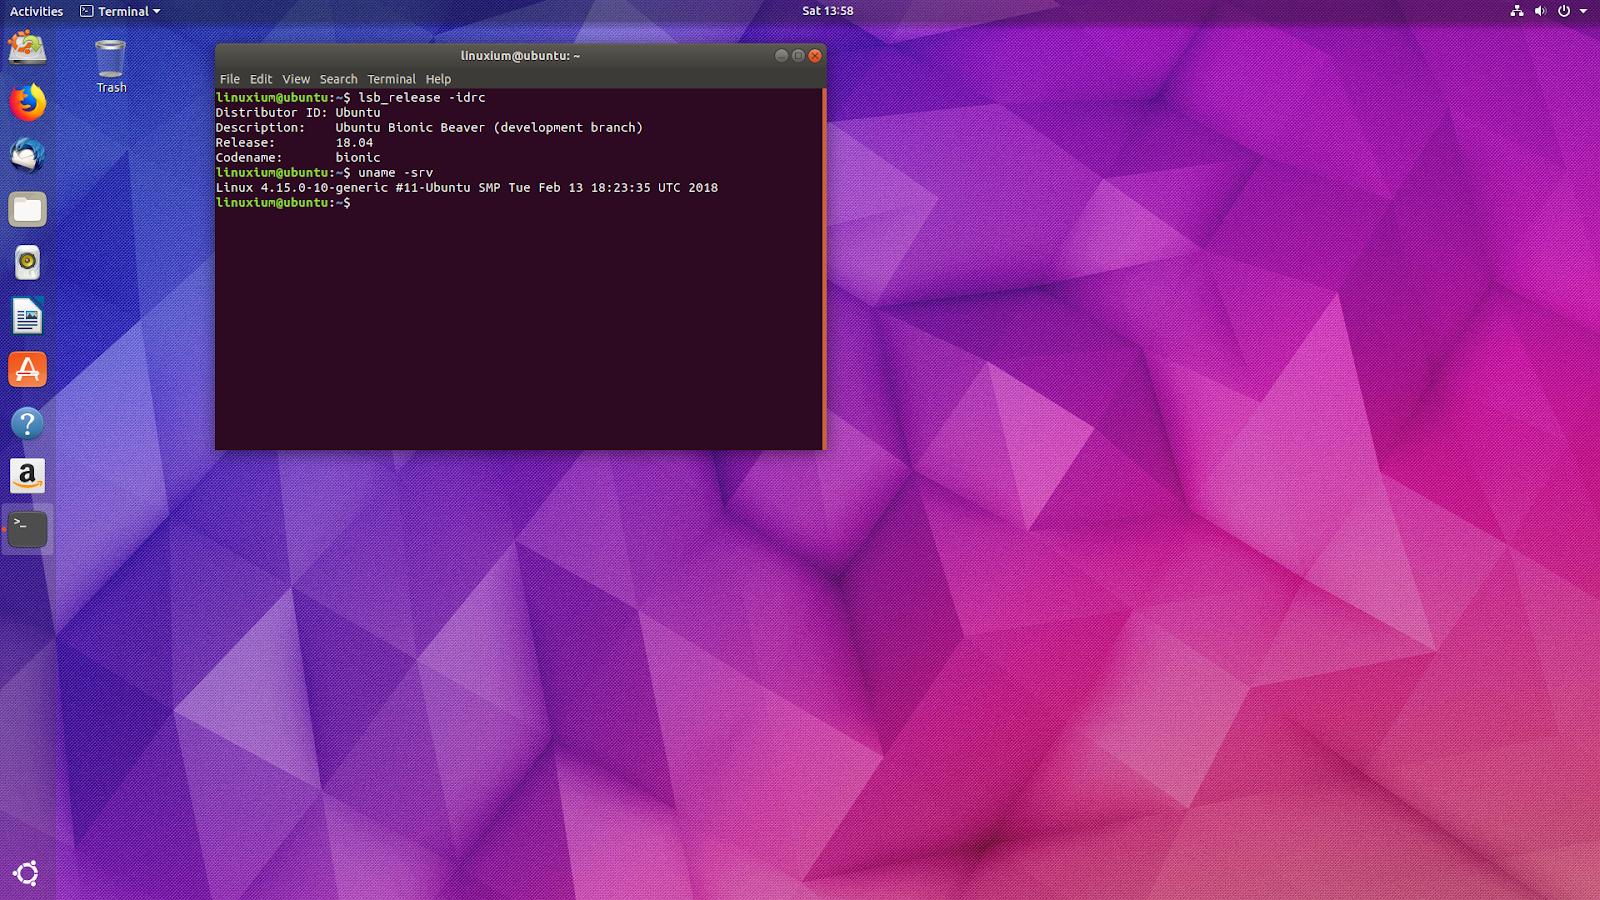 linuxium com au: Second look at Ubuntu 18 04 or Bionic